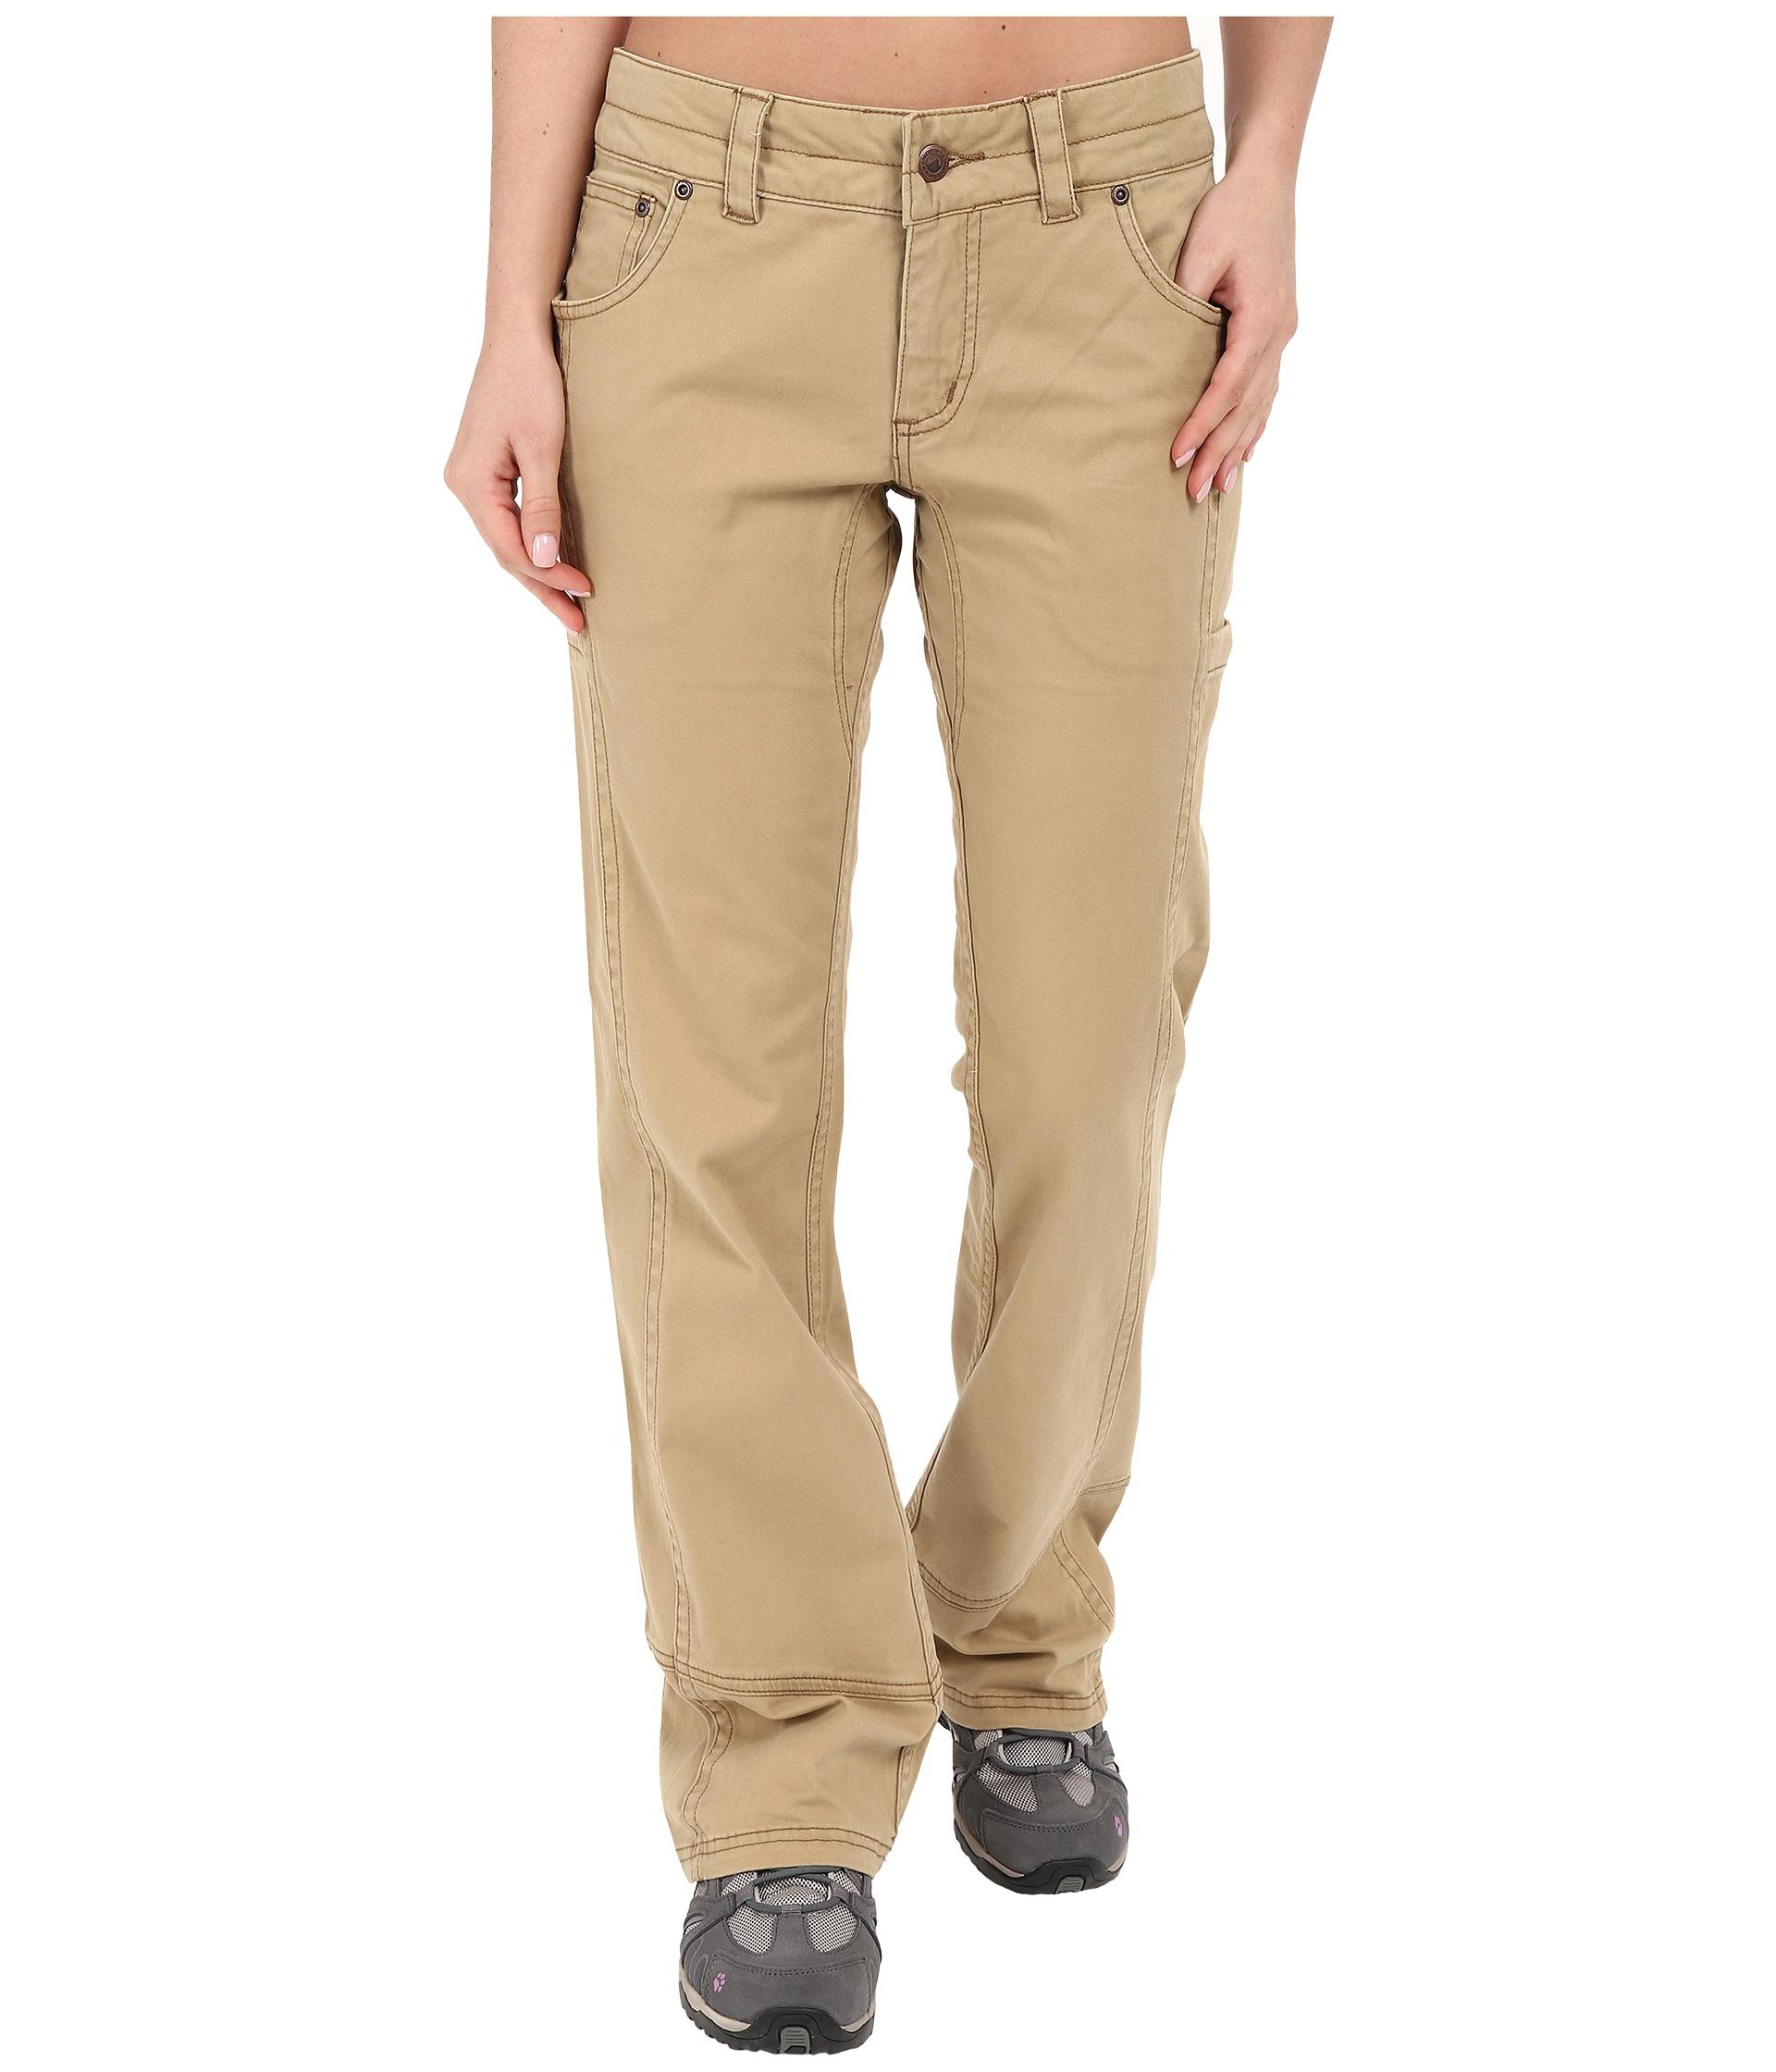 Uggs With Khaki Pants